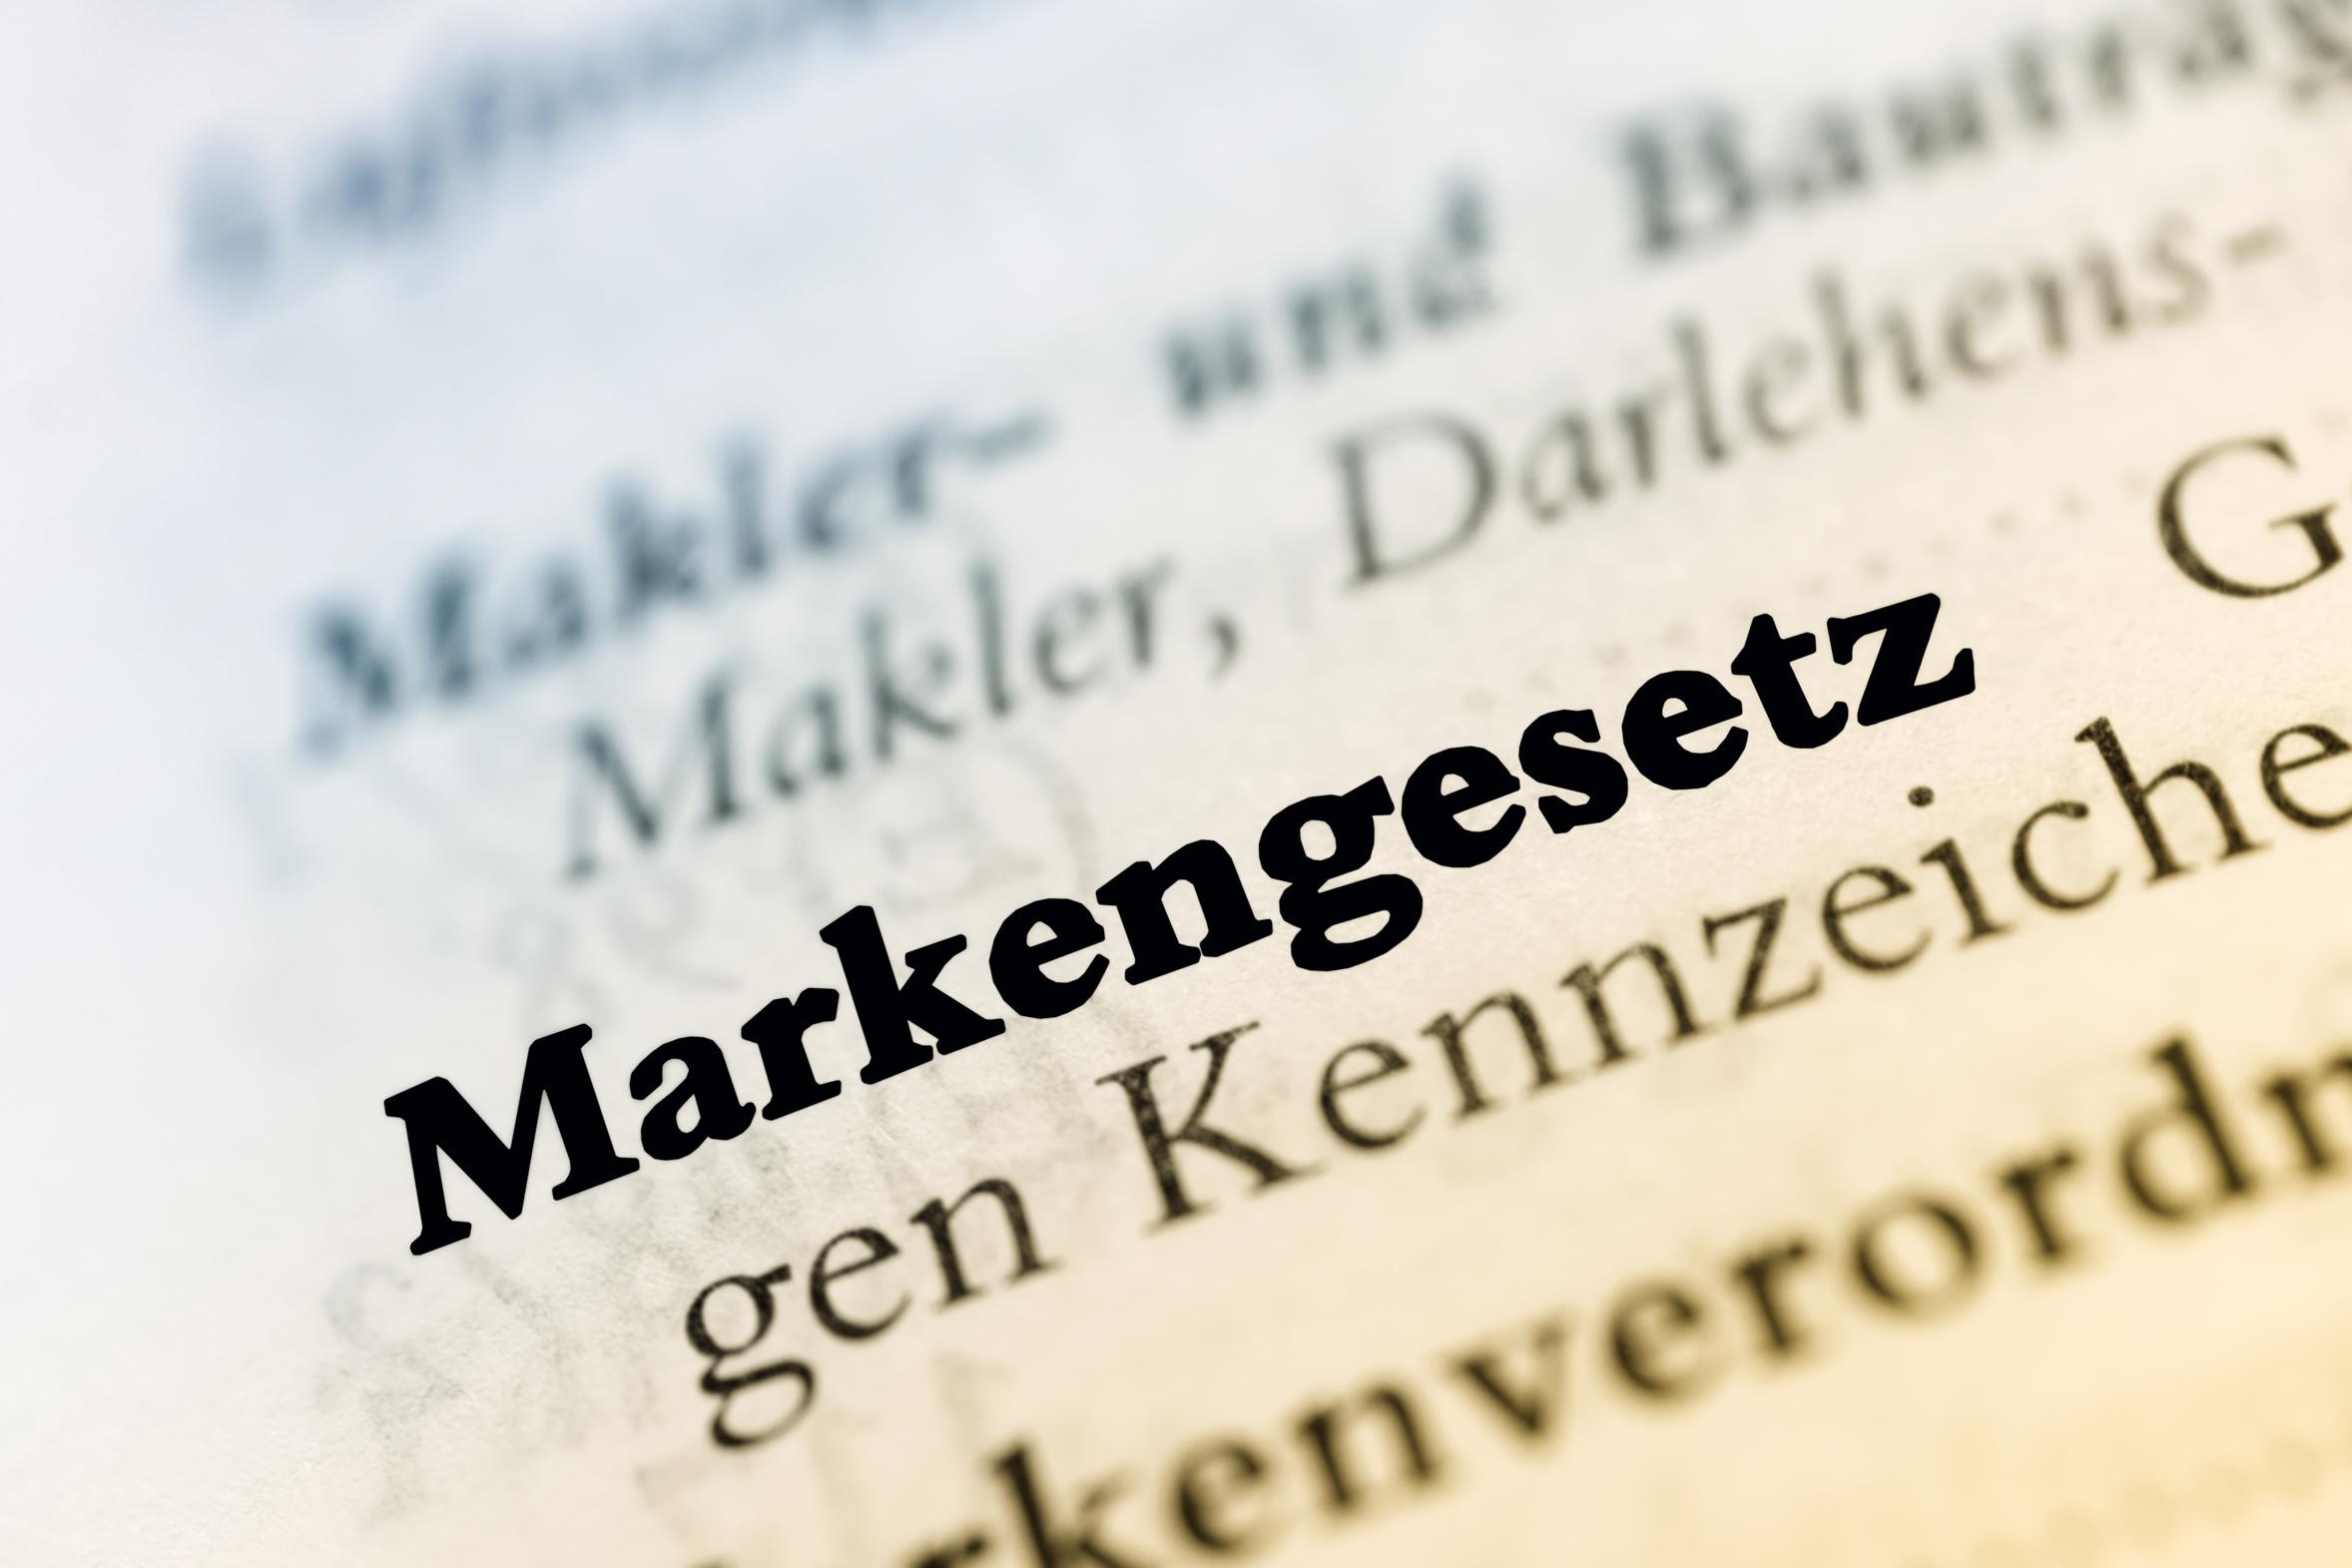 Markenrechtliche Abmahnung trotz Ablehnung einer Markenanmeldung möglich